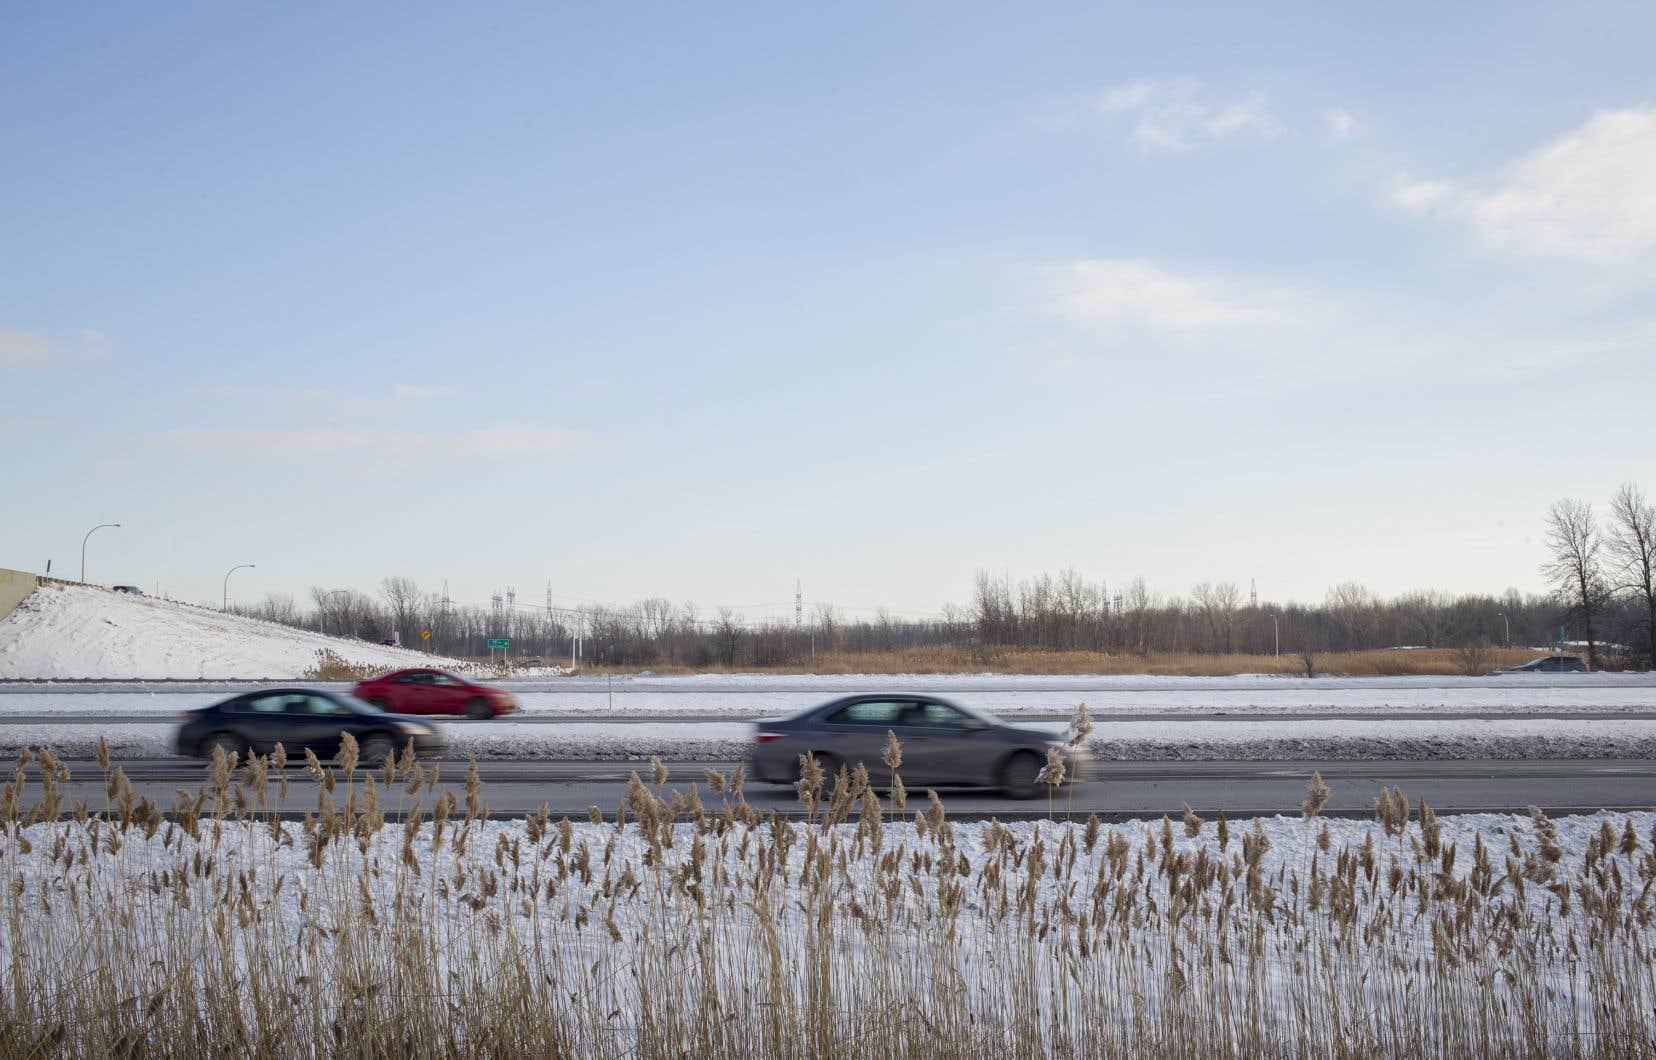 Durant la fermeture, les usagers de la route sont invités à suivre un chemin de détours balisés, qui a été mis en place sur le réseau local.